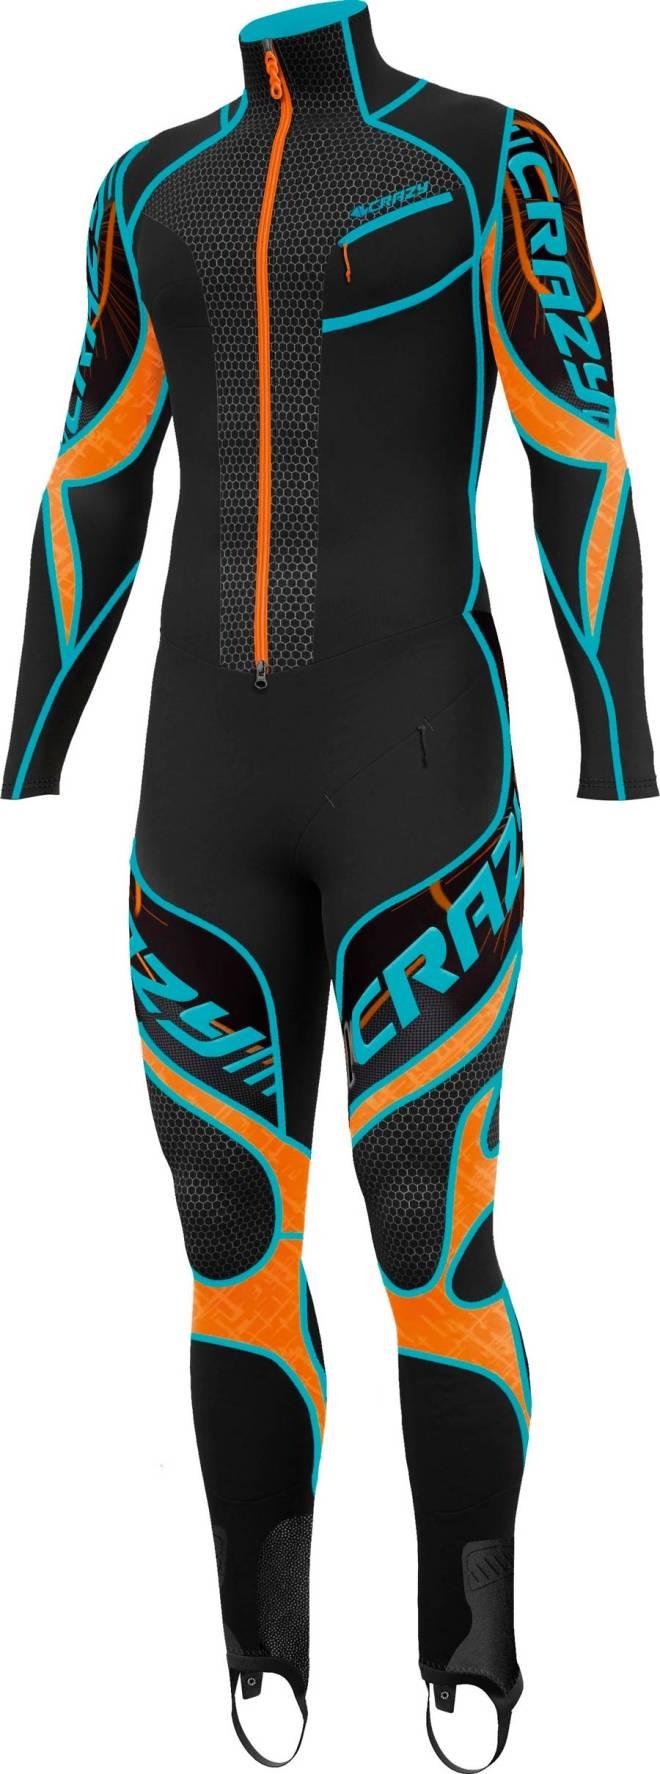 CRAZY IDEA Suit Race Top nrg